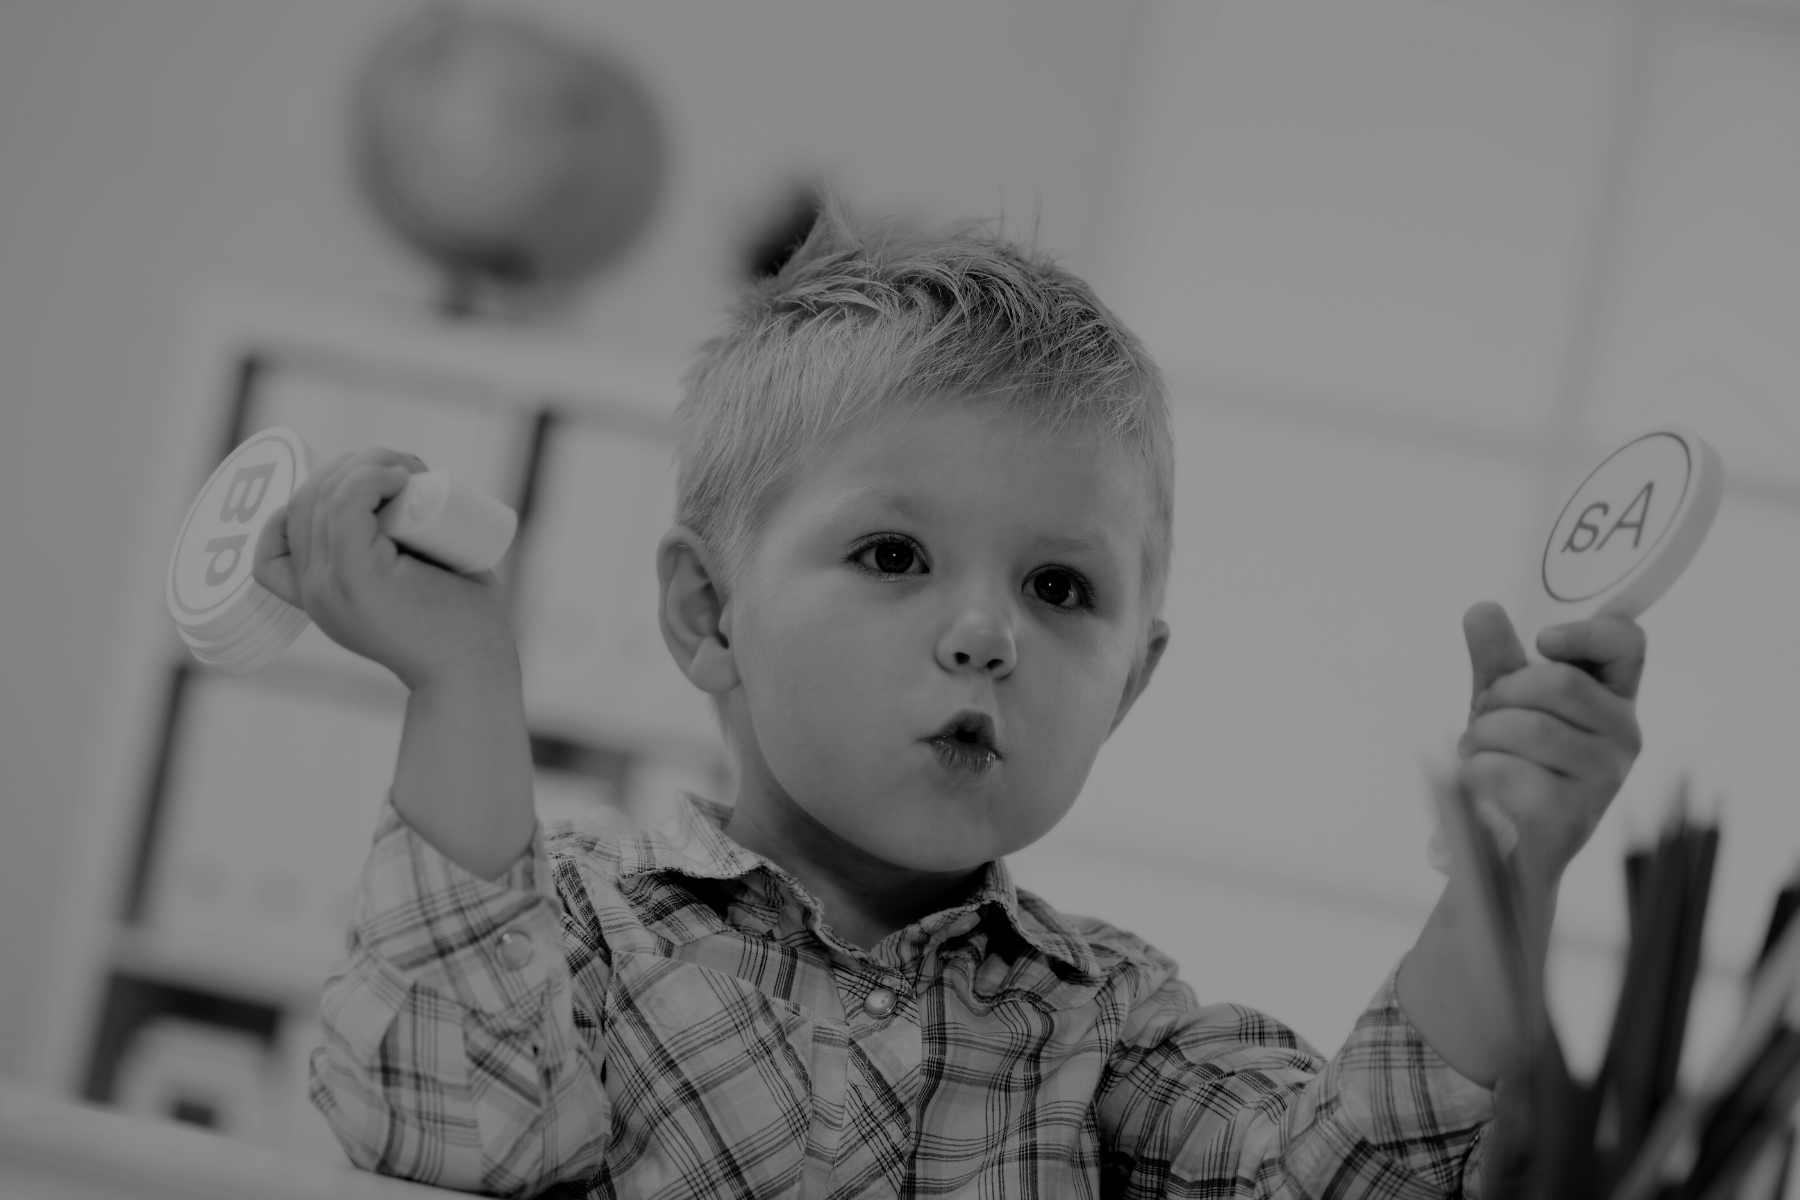 Raising a Boy to Be a Man, not a Sex Predator